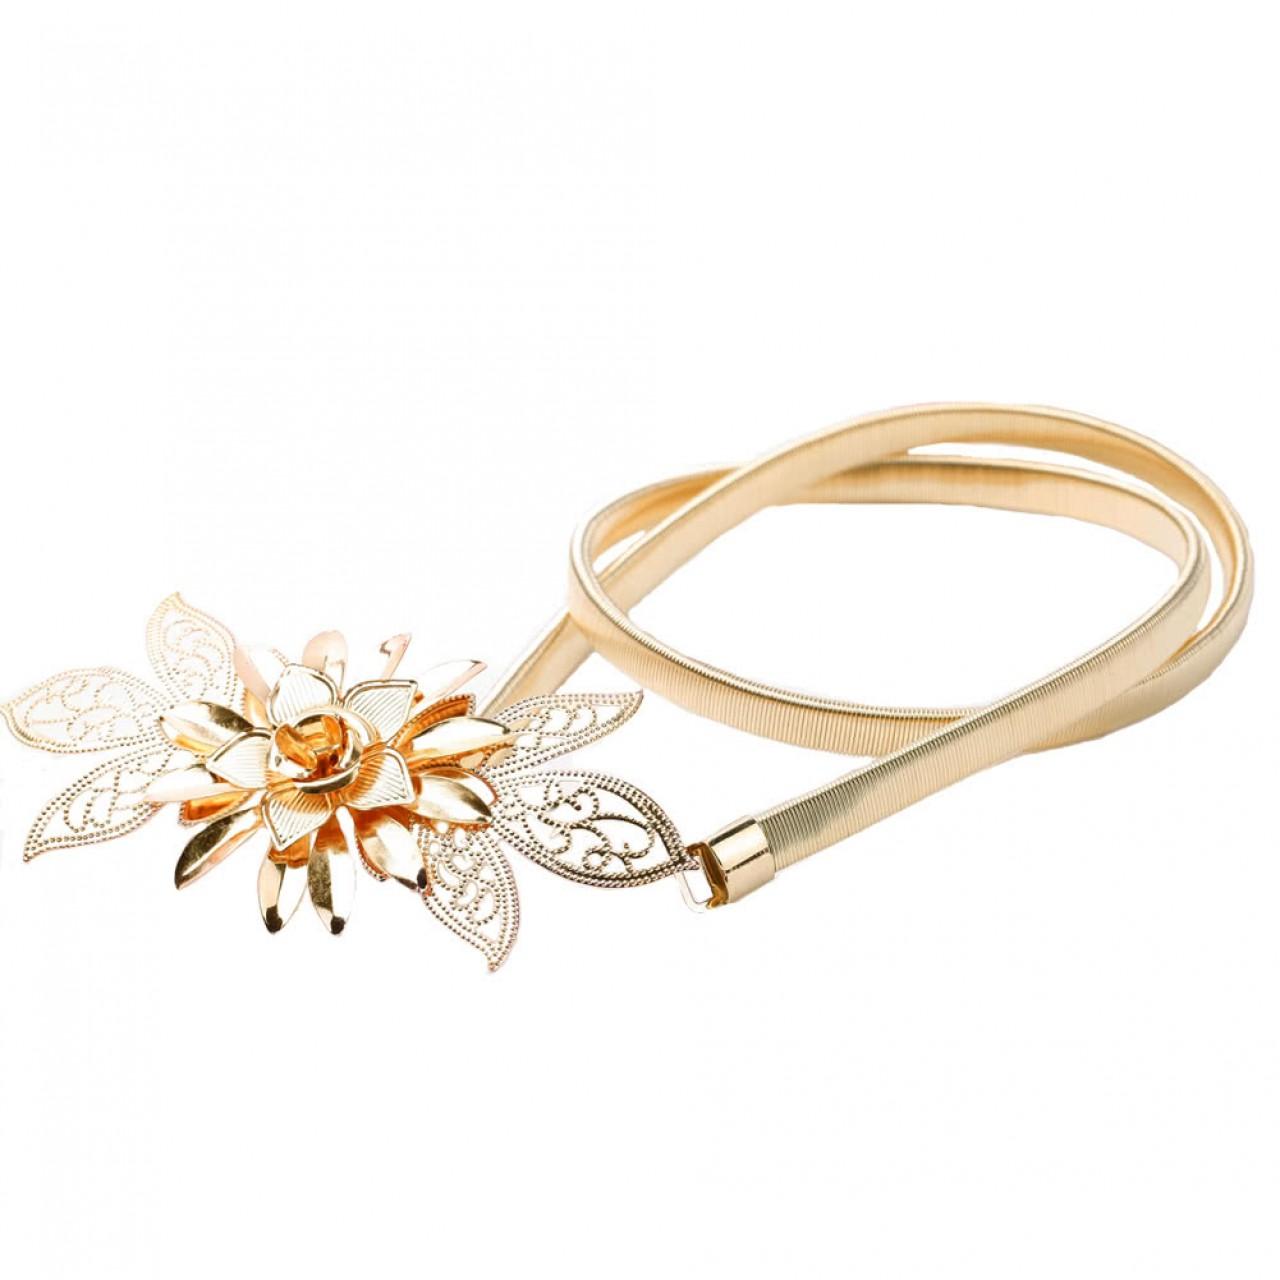 Χρυσή Μεταλλική Γυναικεία Ζώνη Μέσης Με Σχέδιο Λουλούδι - 4162